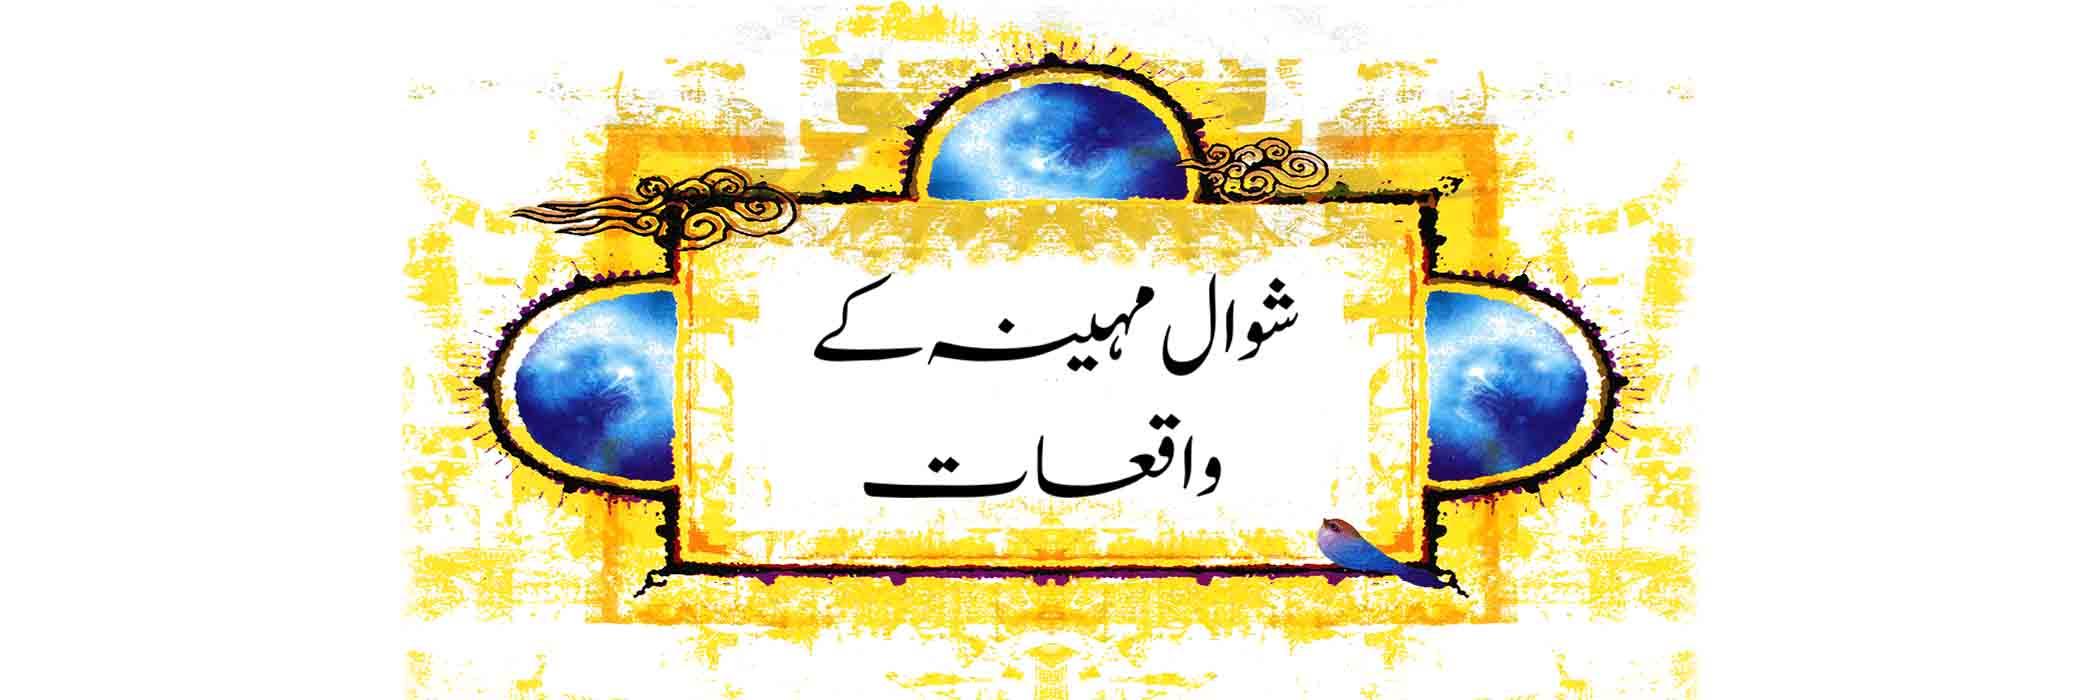 شب عید فطر